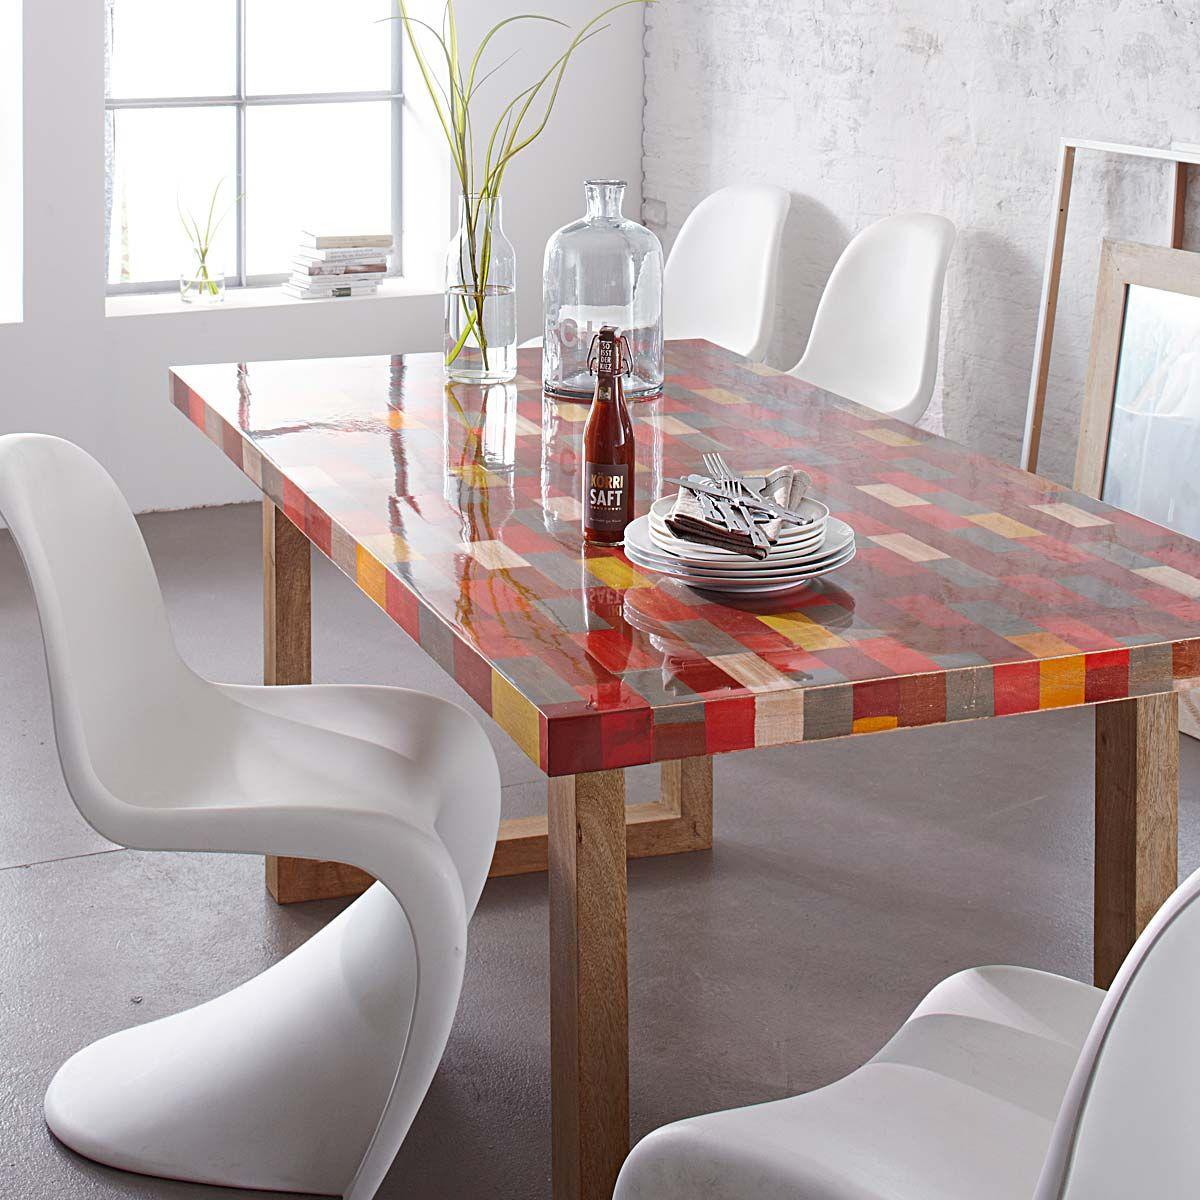 Esstisch / dining table impressionen möbel furniture ...